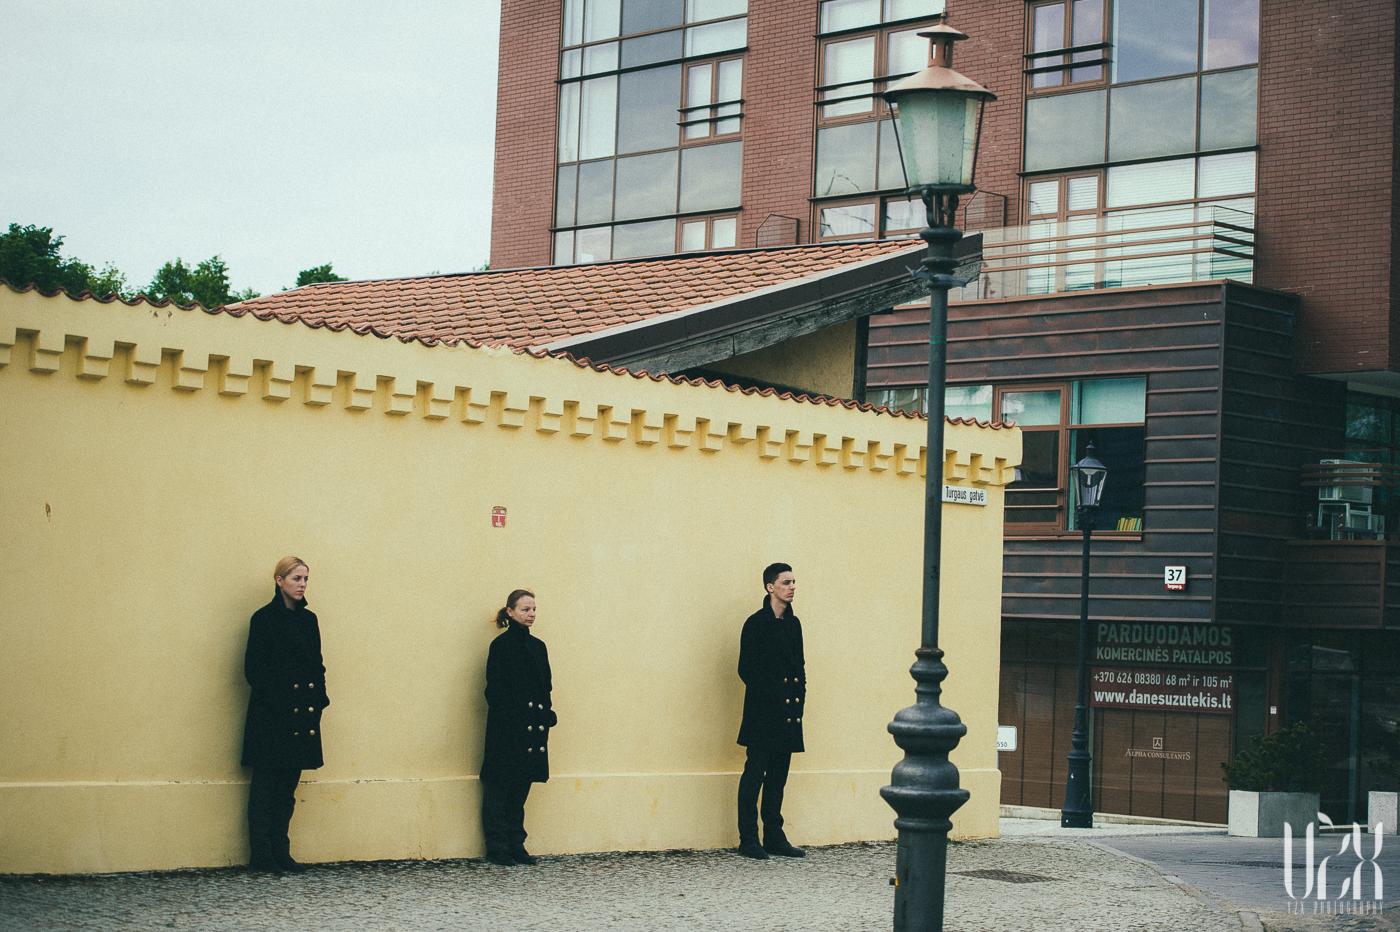 Keliaujancios Baznycios Performance Vzx Photography Klaipeda 38